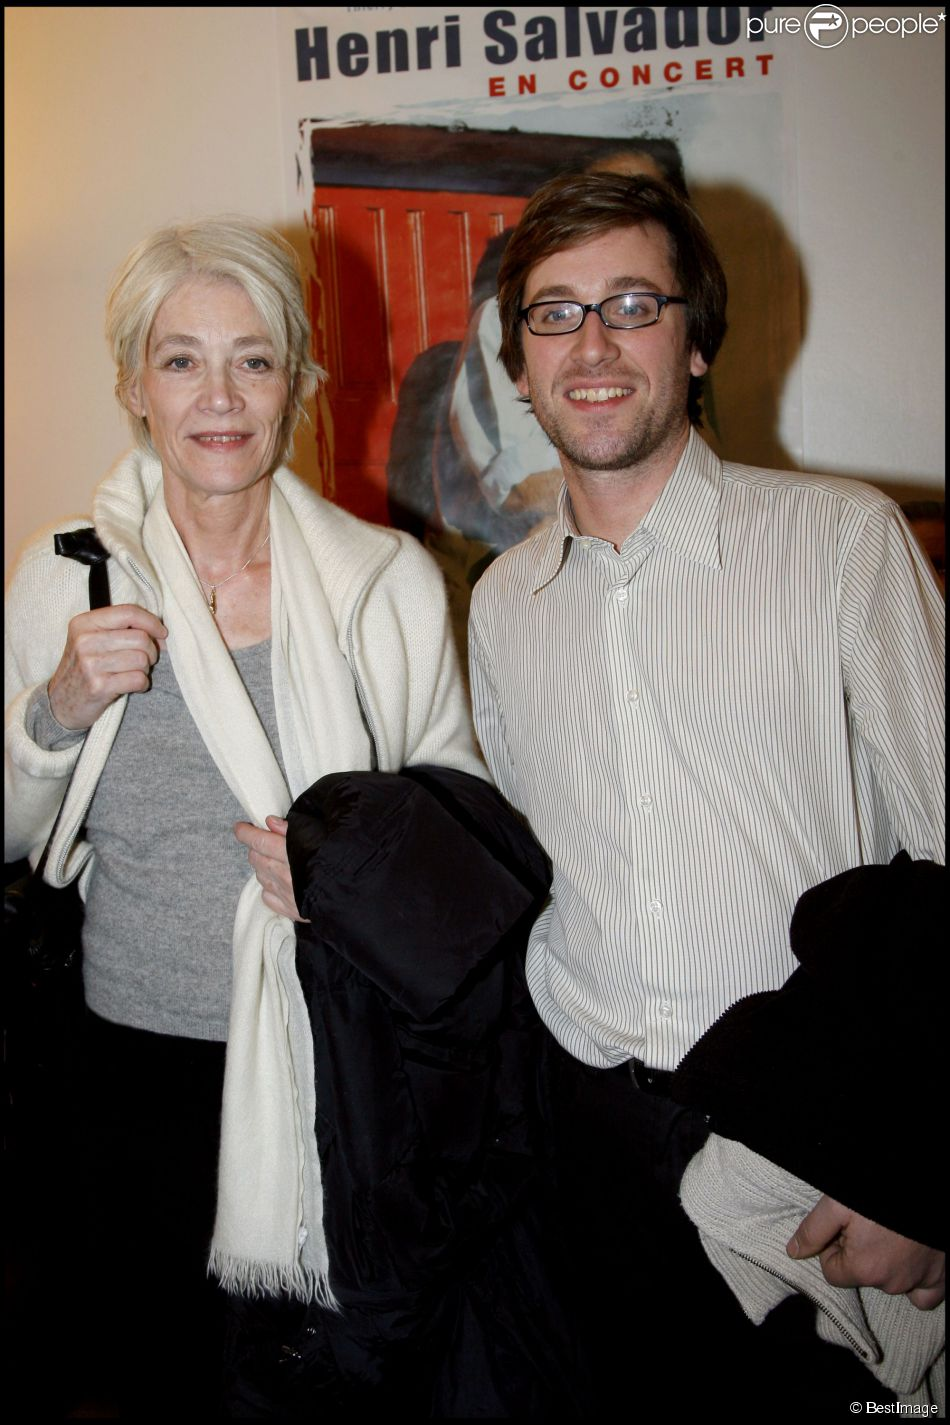 Françoise Hardy et son fils Thomas Dutronc lors d'un concert d'Henri Salvador au Palais des Congrès à Paris le 21 décembre 2007